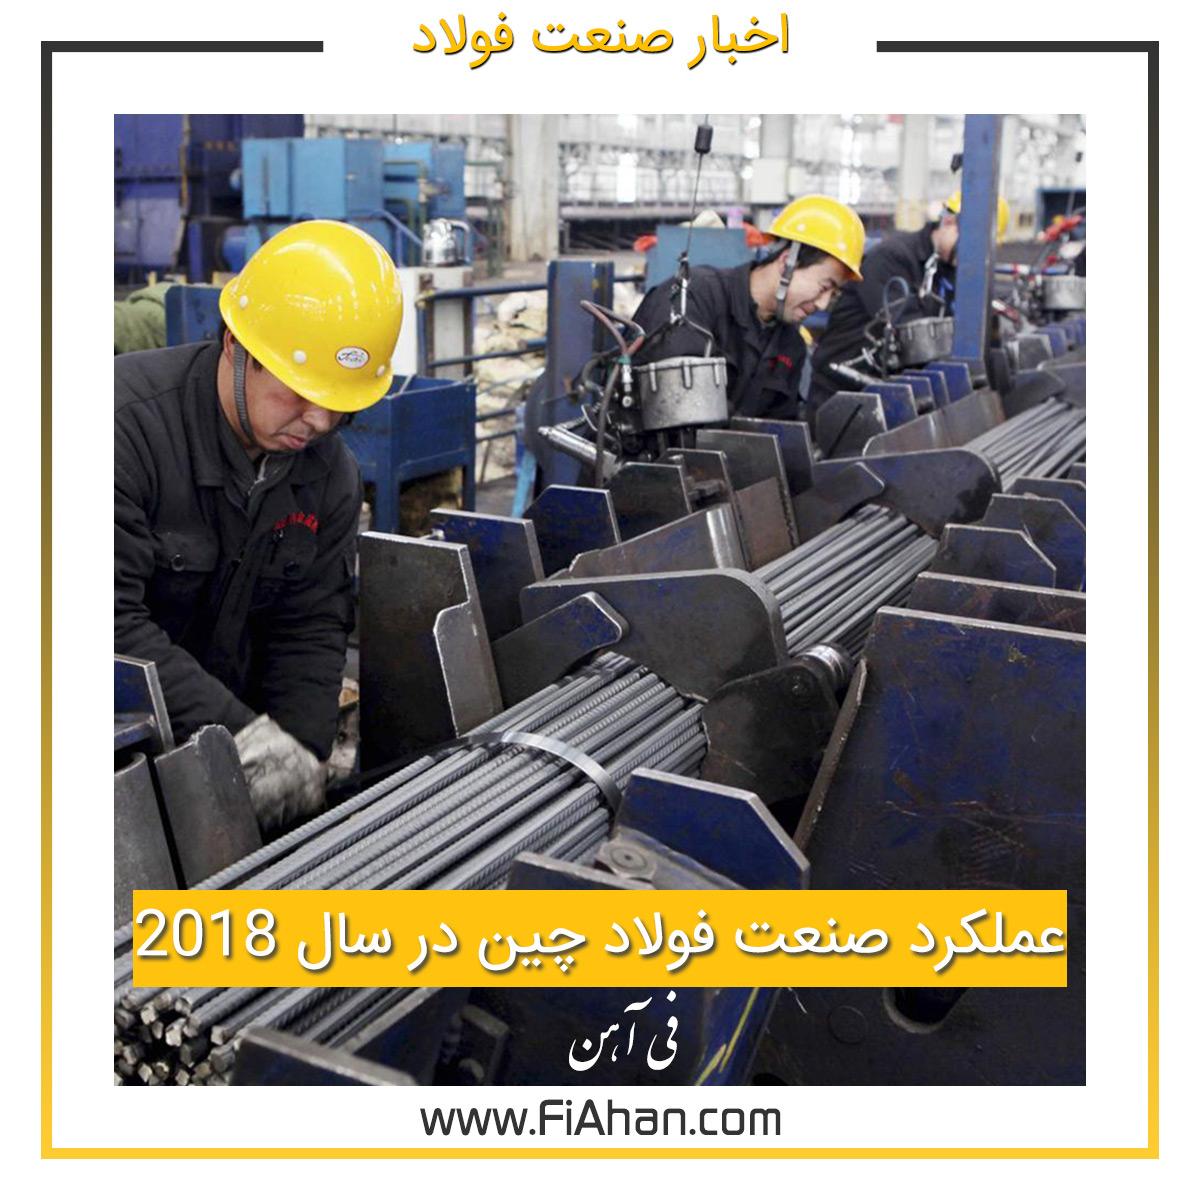 عملکرد صنعت فولاد چین در سال 2018